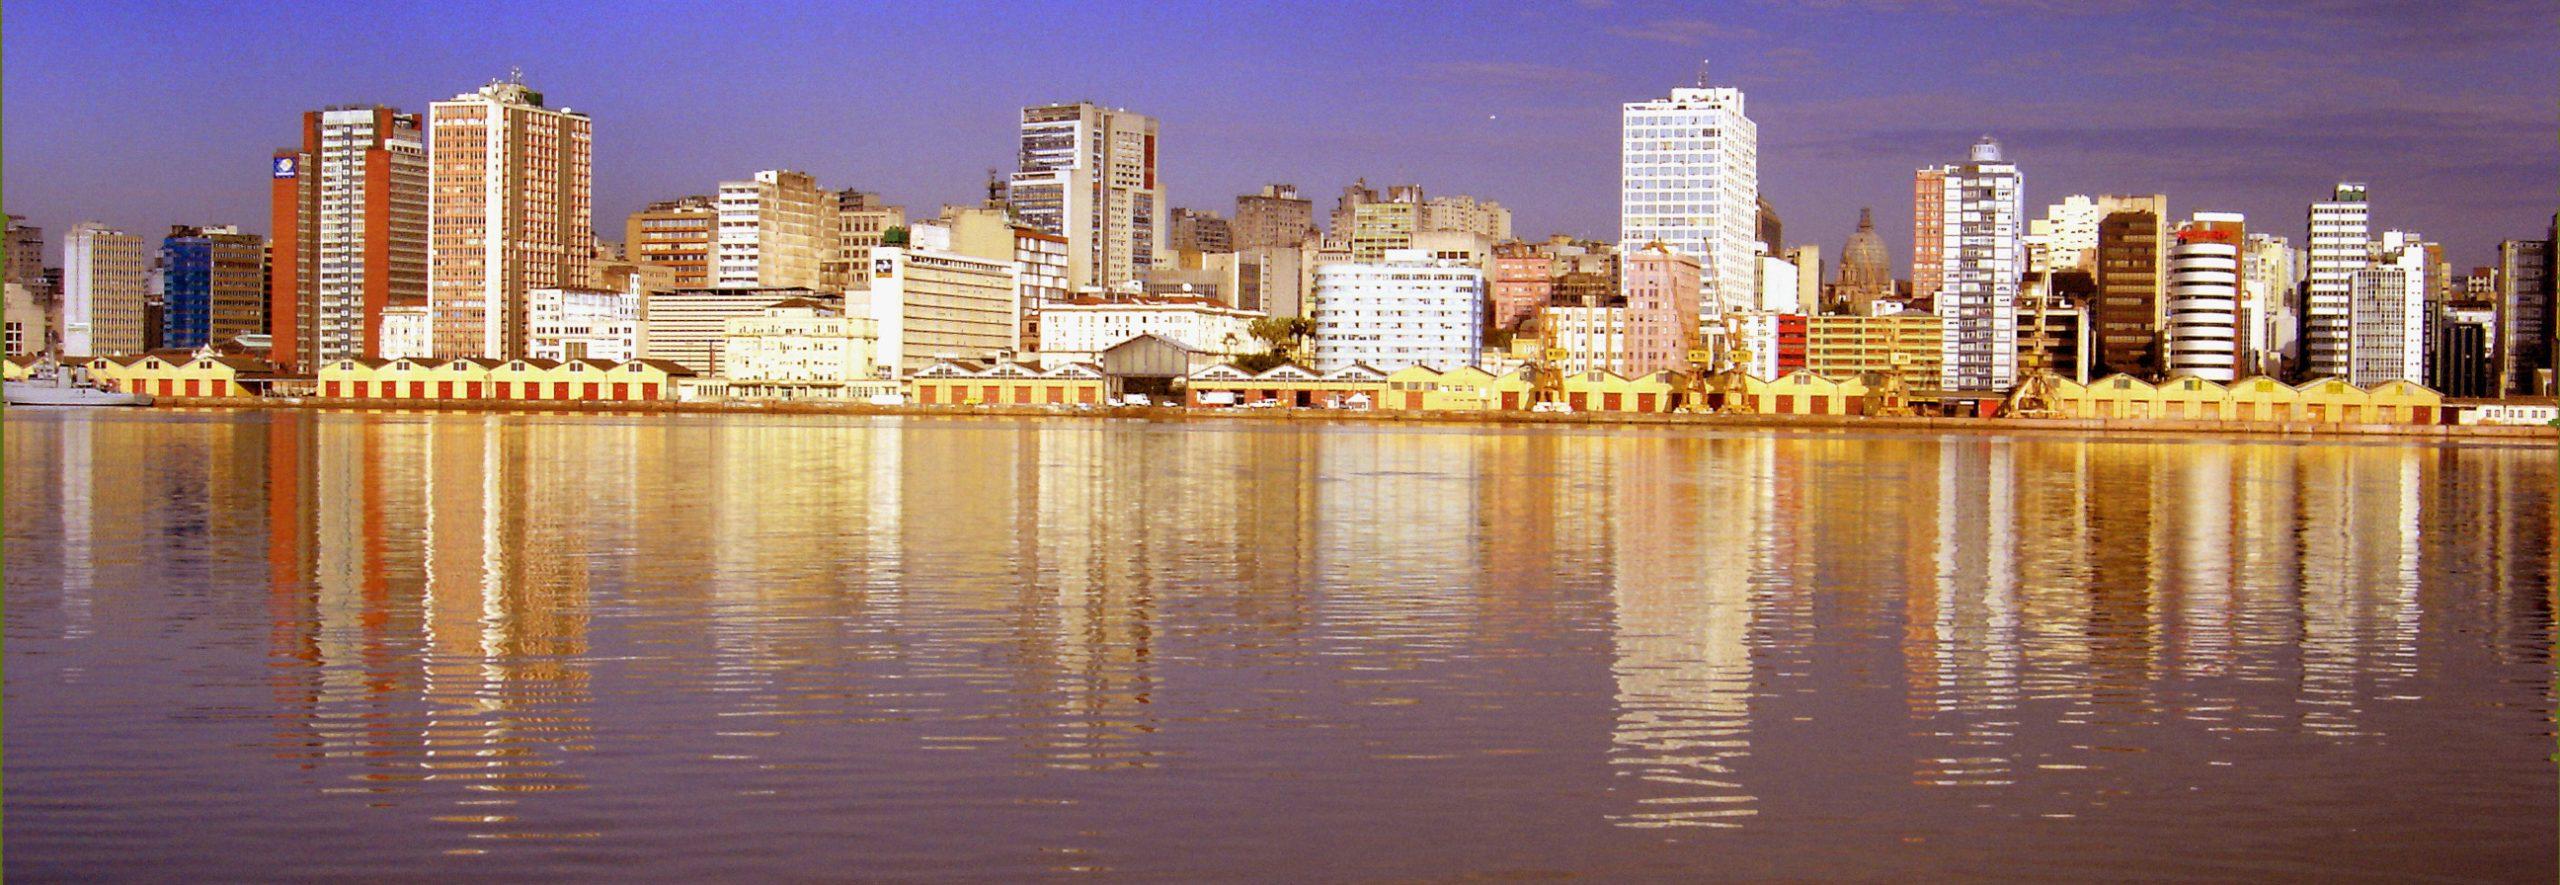 Eleições municipais em Porto Alegre: como garantir a unidade das forças que se reivindicam de Esquerda